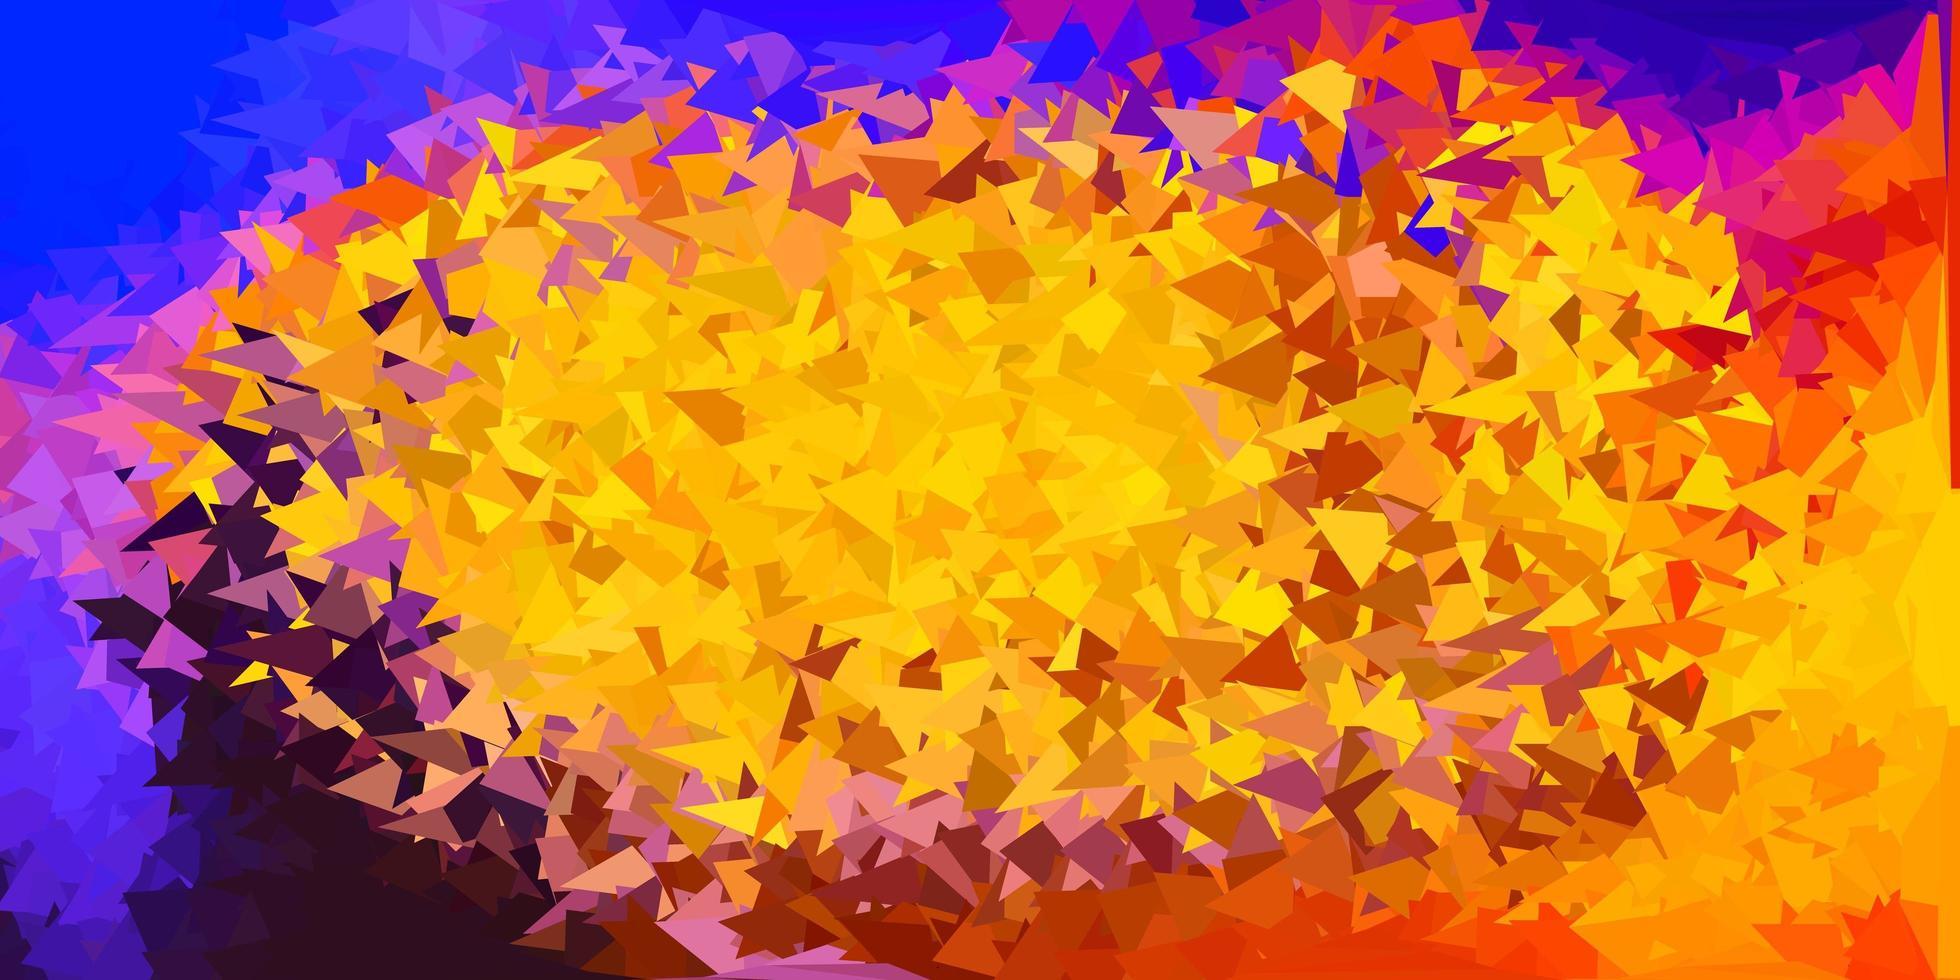 hellblaue, rote Vektor abstrakte Dreiecksschablone.